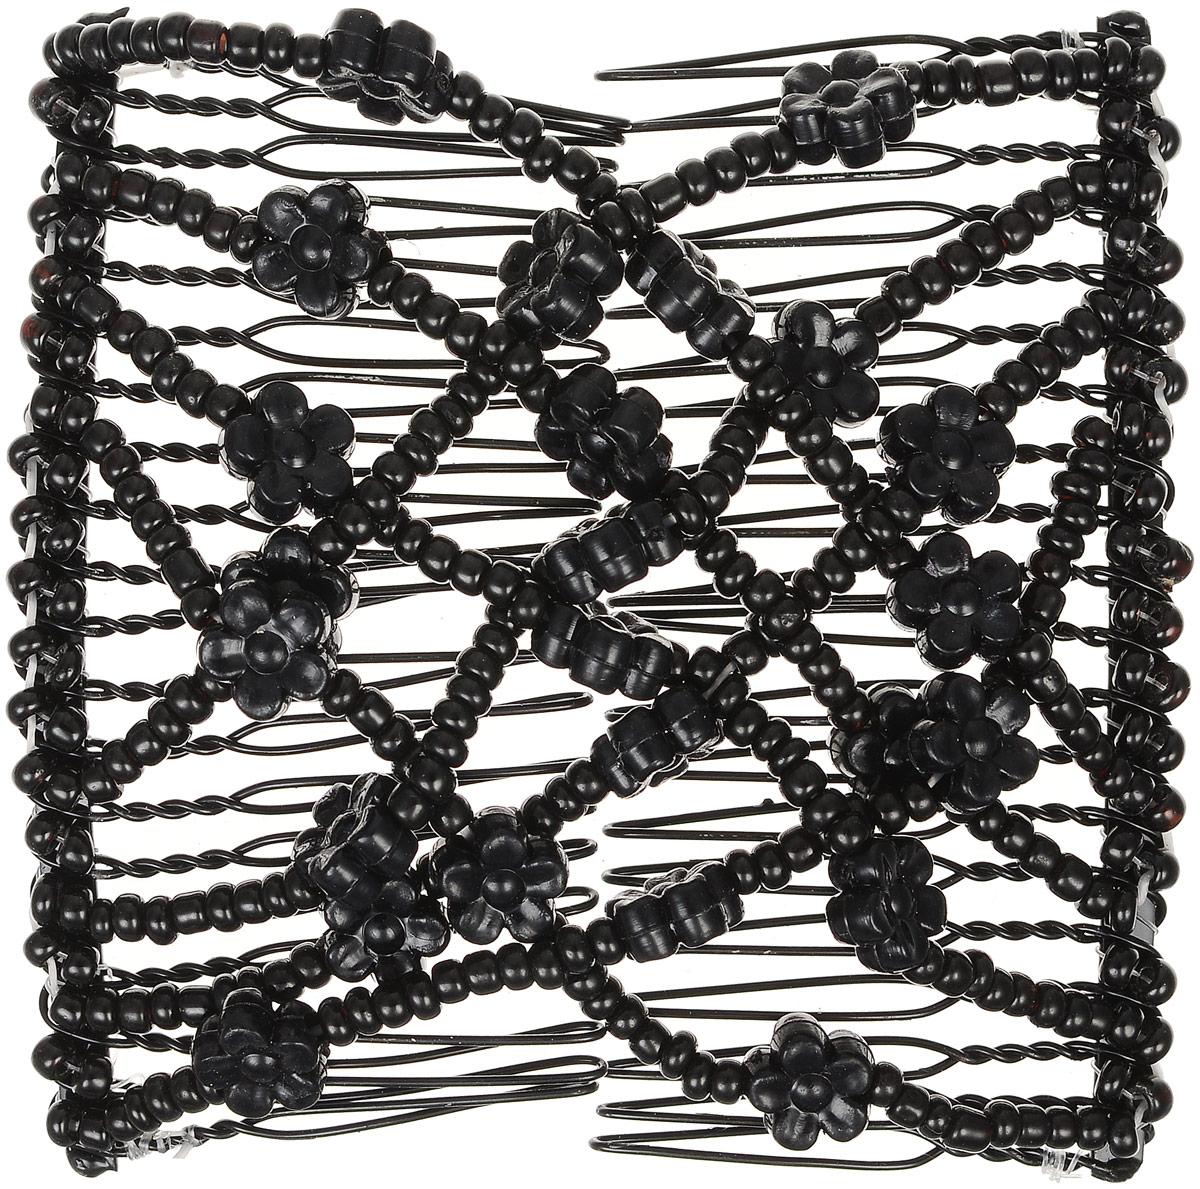 EZ-Combs Заколка Изи-Комбс, одинарная, цвет: черный. ЗИО_цветочкиMP59.4DУдобная и практичная EZ-Combs подходит для любого типа волос: тонких, жестких, вьющихся или прямых, и не наносит им никакого вреда. Заколка не мешает движениям головы и не создает дискомфорта, когда вы отдыхаете или управляете автомобилем. Каждый гребень имеет по 20 зубьев для надежной фиксации заколки на волосах! И даже во время бега и интенсивных тренировок в спортзале EZ-Combs не падает; она прочно фиксирует прическу, сохраняя укладку в первозданном виде.Небольшая и легкая заколка для волос EZ-Combs поместится в любой дамской сумочке, позволяя быстро и без особых усилий создавать неповторимые прически там, где вам это удобно. Гребень прекрасно сочетается с любой одеждой: будь это классический или спортивный стиль, завершая гармоничный облик современной леди. И неважно, какой образ жизни вы ведете, если у вас есть EZ-Combs, вы всегда будете выглядеть потрясающе.